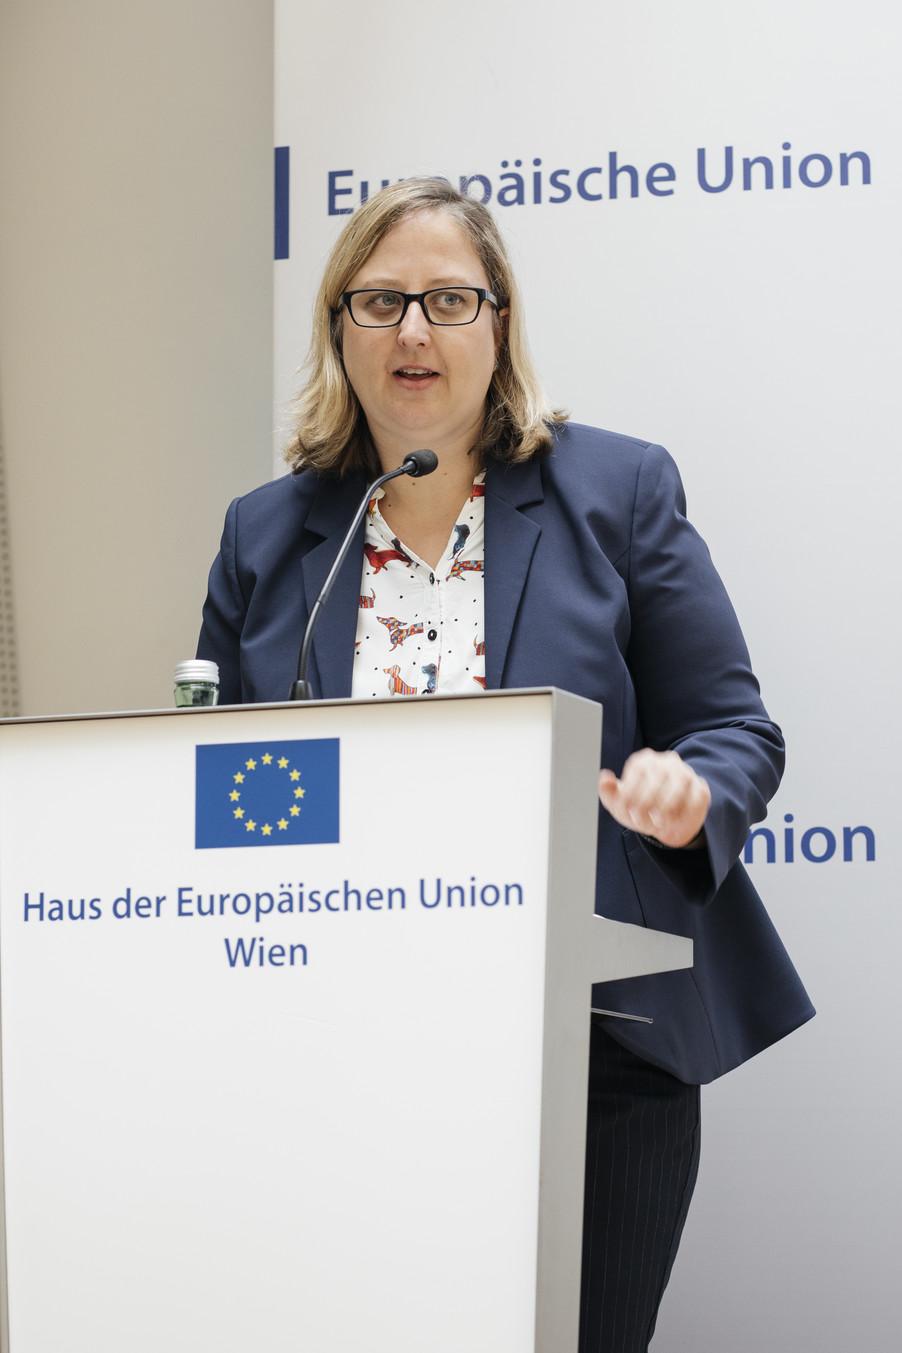 Bild 13 | Europass macht transparent: Freier Eintritt zum Arbeitsplatz Europa? Wie Europass und Erasmus+ ...